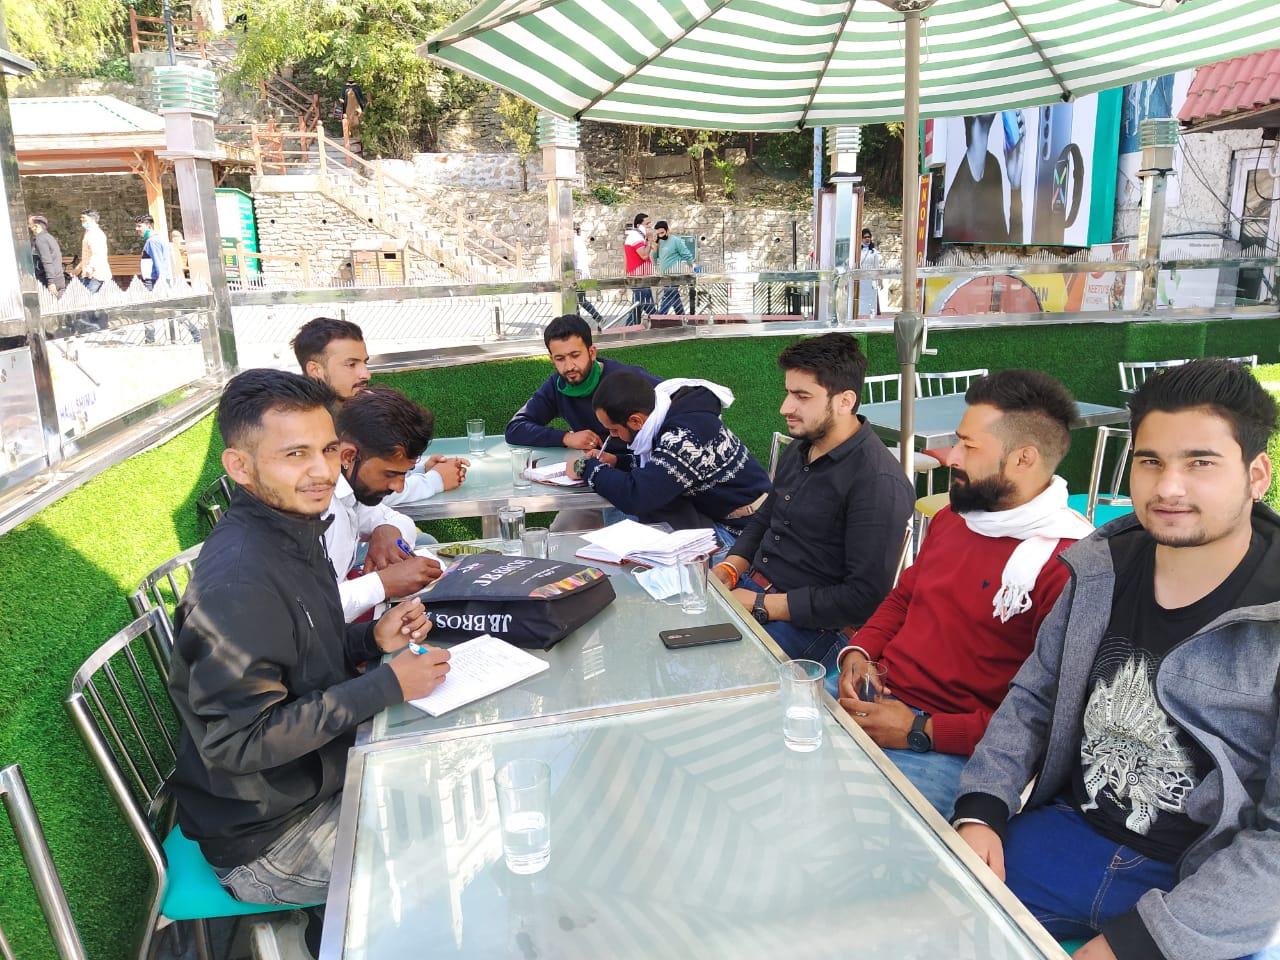 भाजपा खेल प्रकोष्ट शिमला की बैठक में तय- ग्राम स्तर तक युवाओं को जोड़ेंगे- अजय